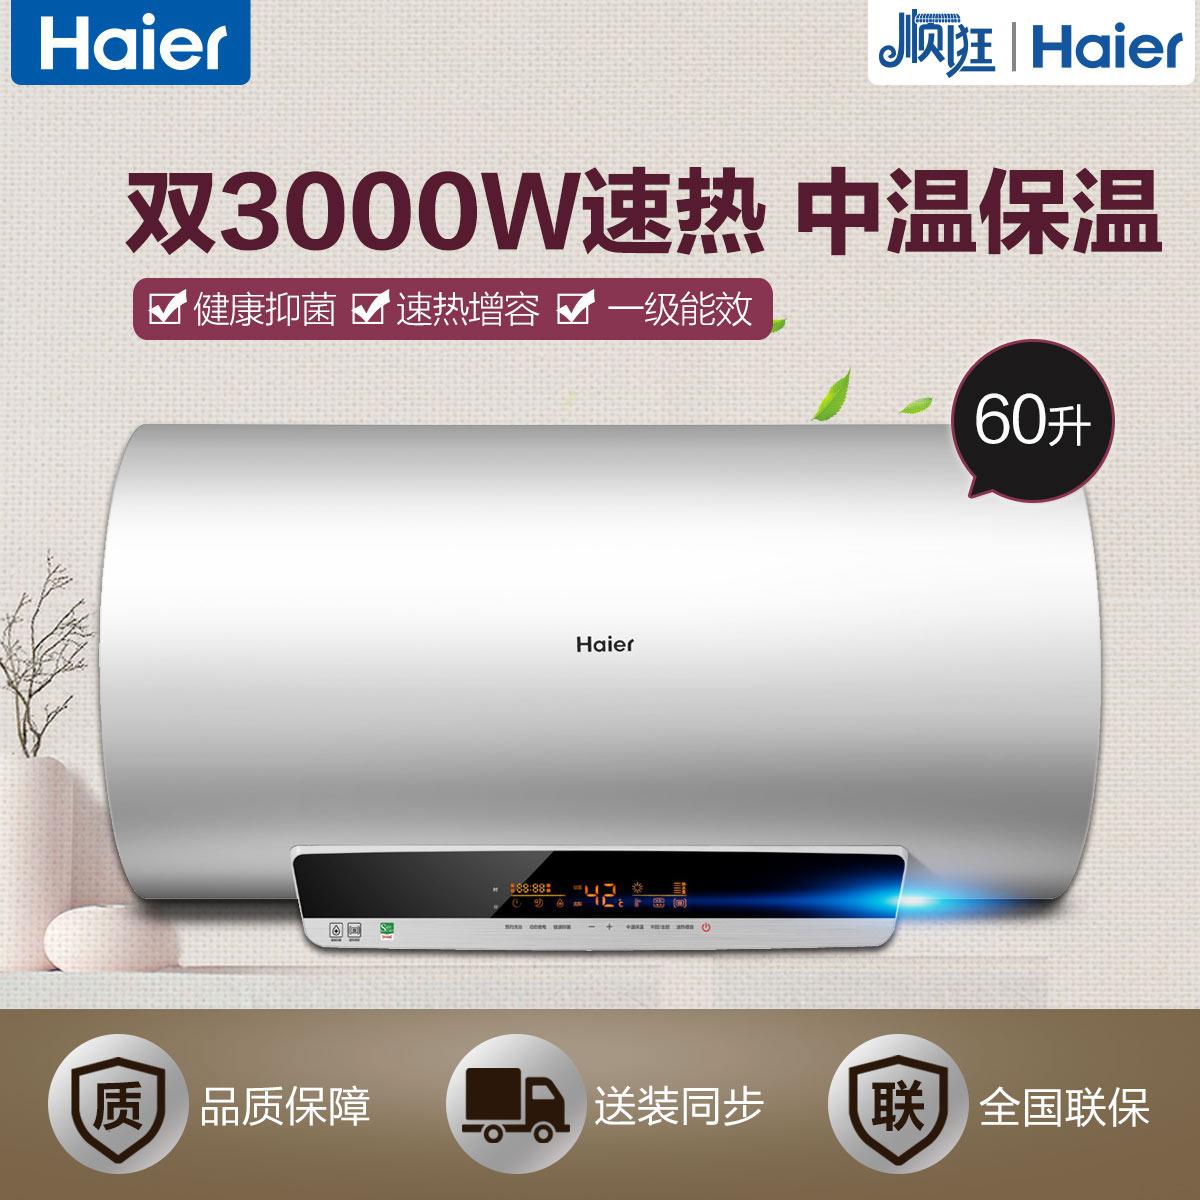 双3000W速热 健康抑菌 预约洗浴 专利防电墙 EC6003-YT1 60升即热恒温储水式家用电热水器